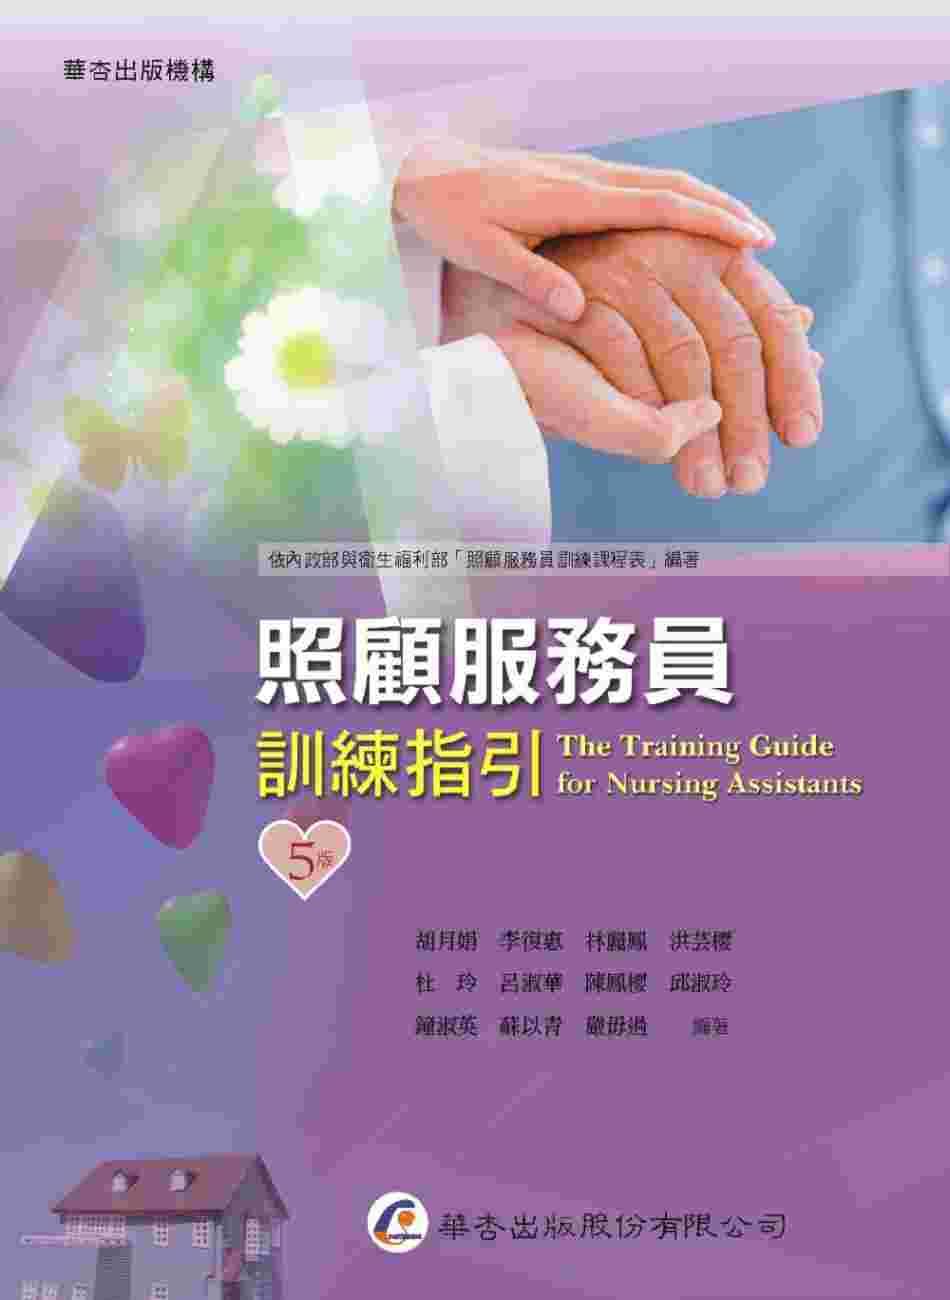 照顧服務員訓練指引(5版)